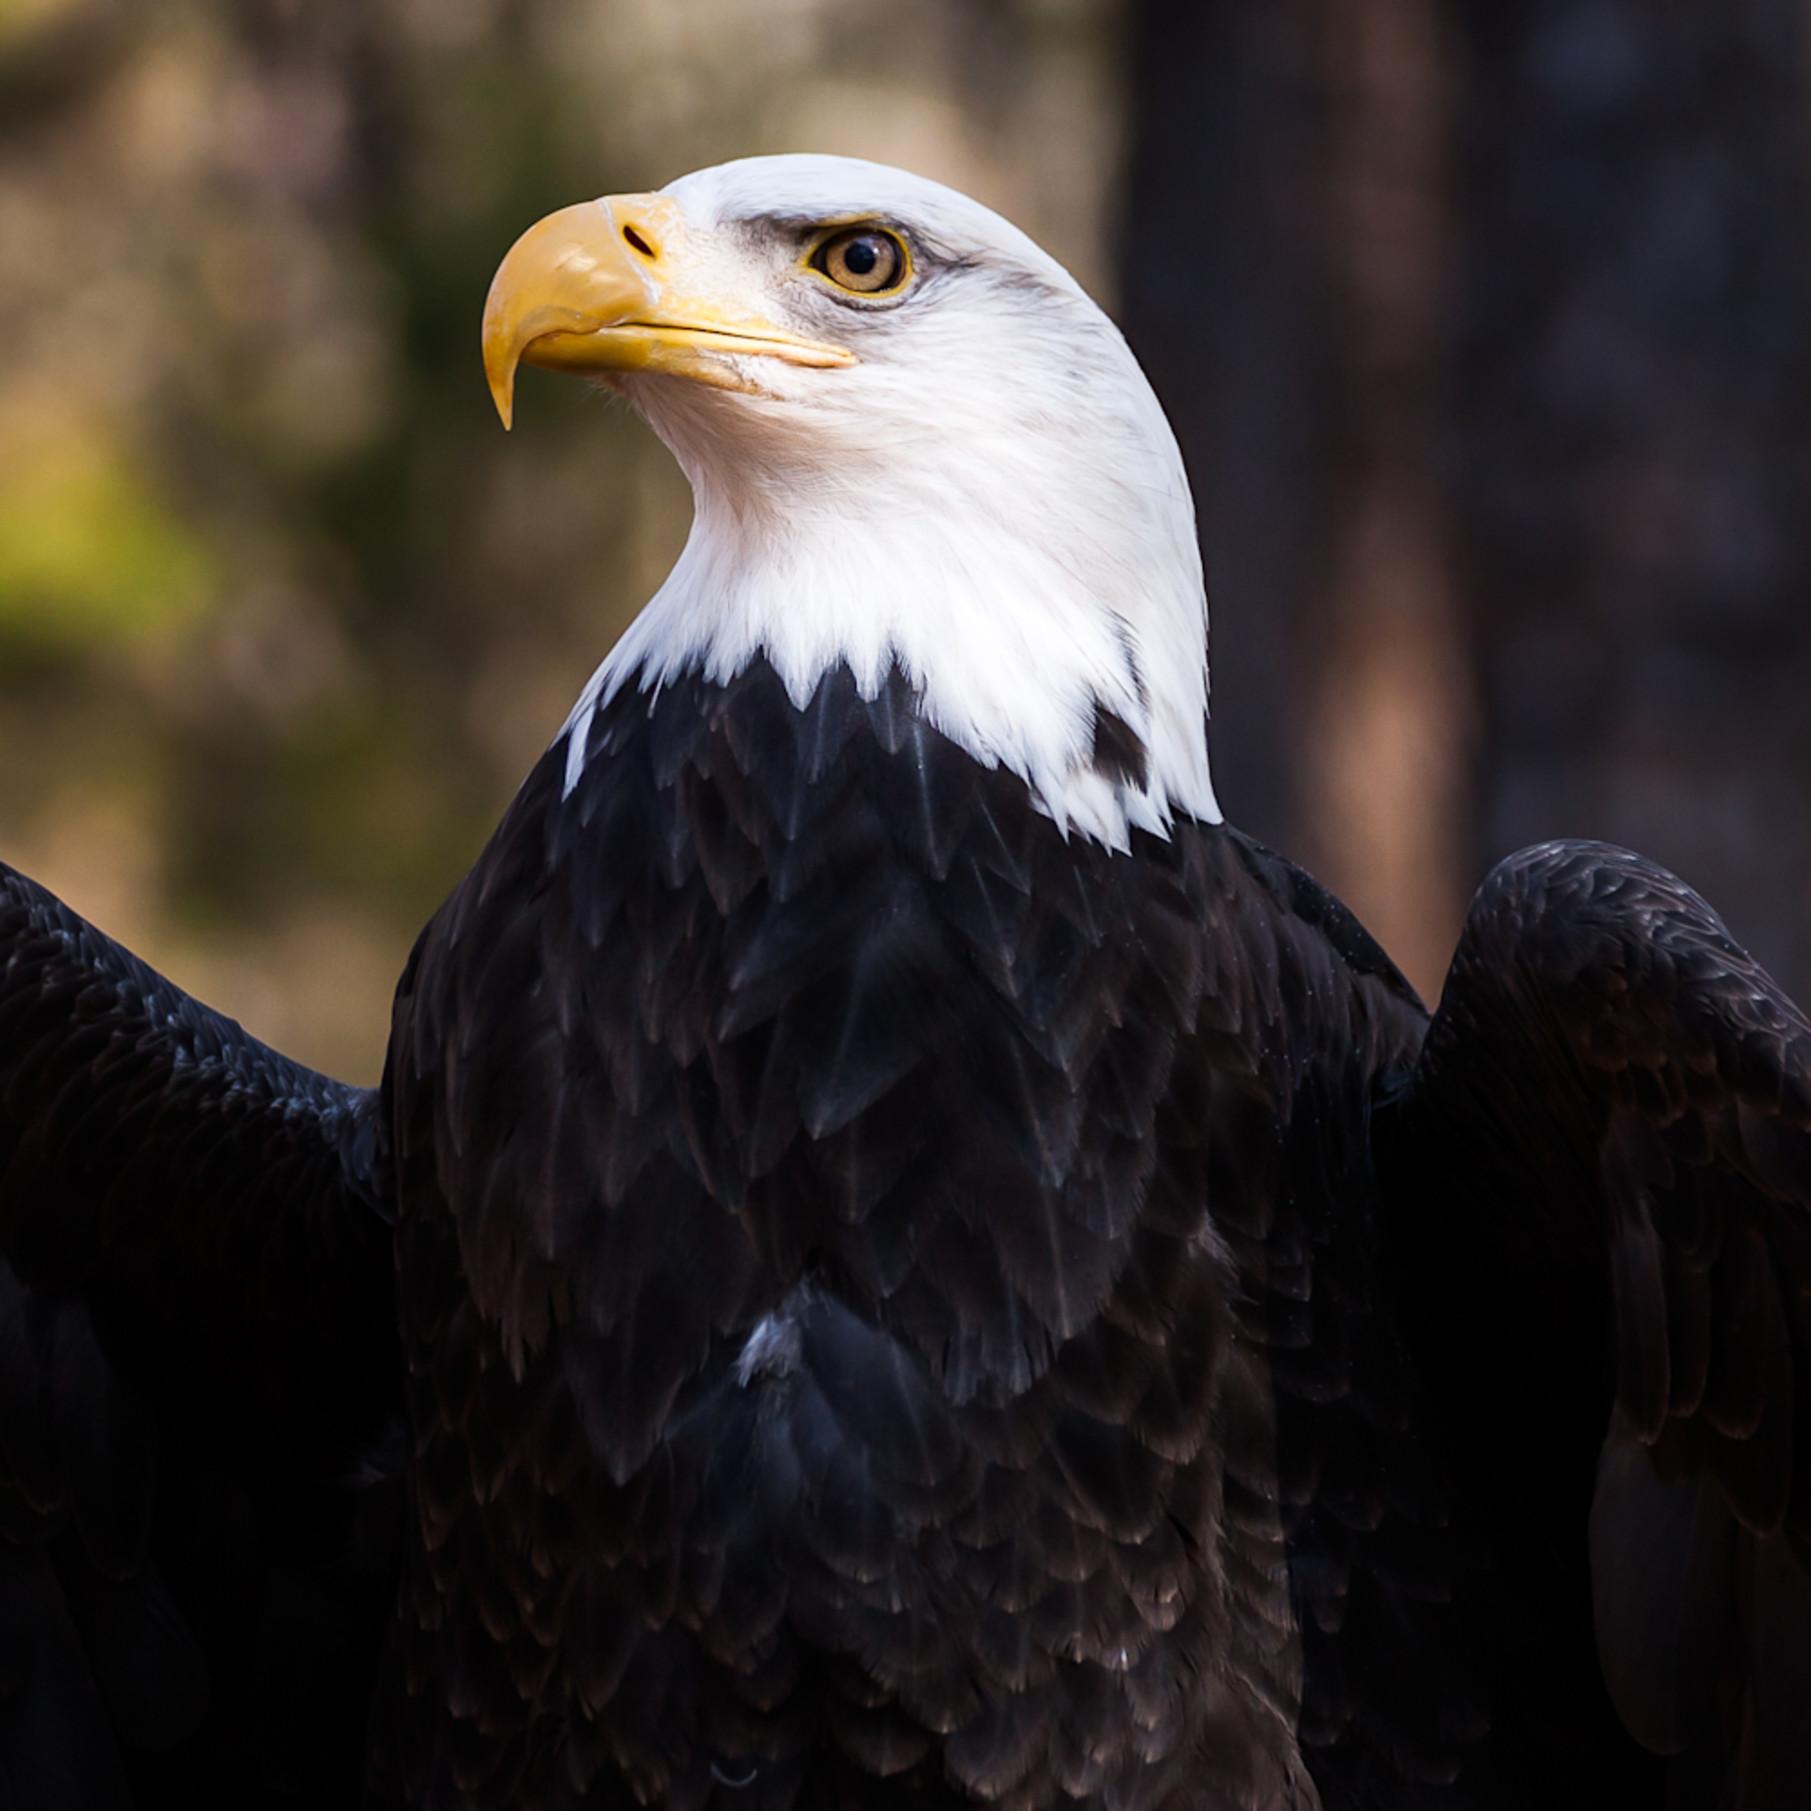 Eagle16 9 0069 s30qca